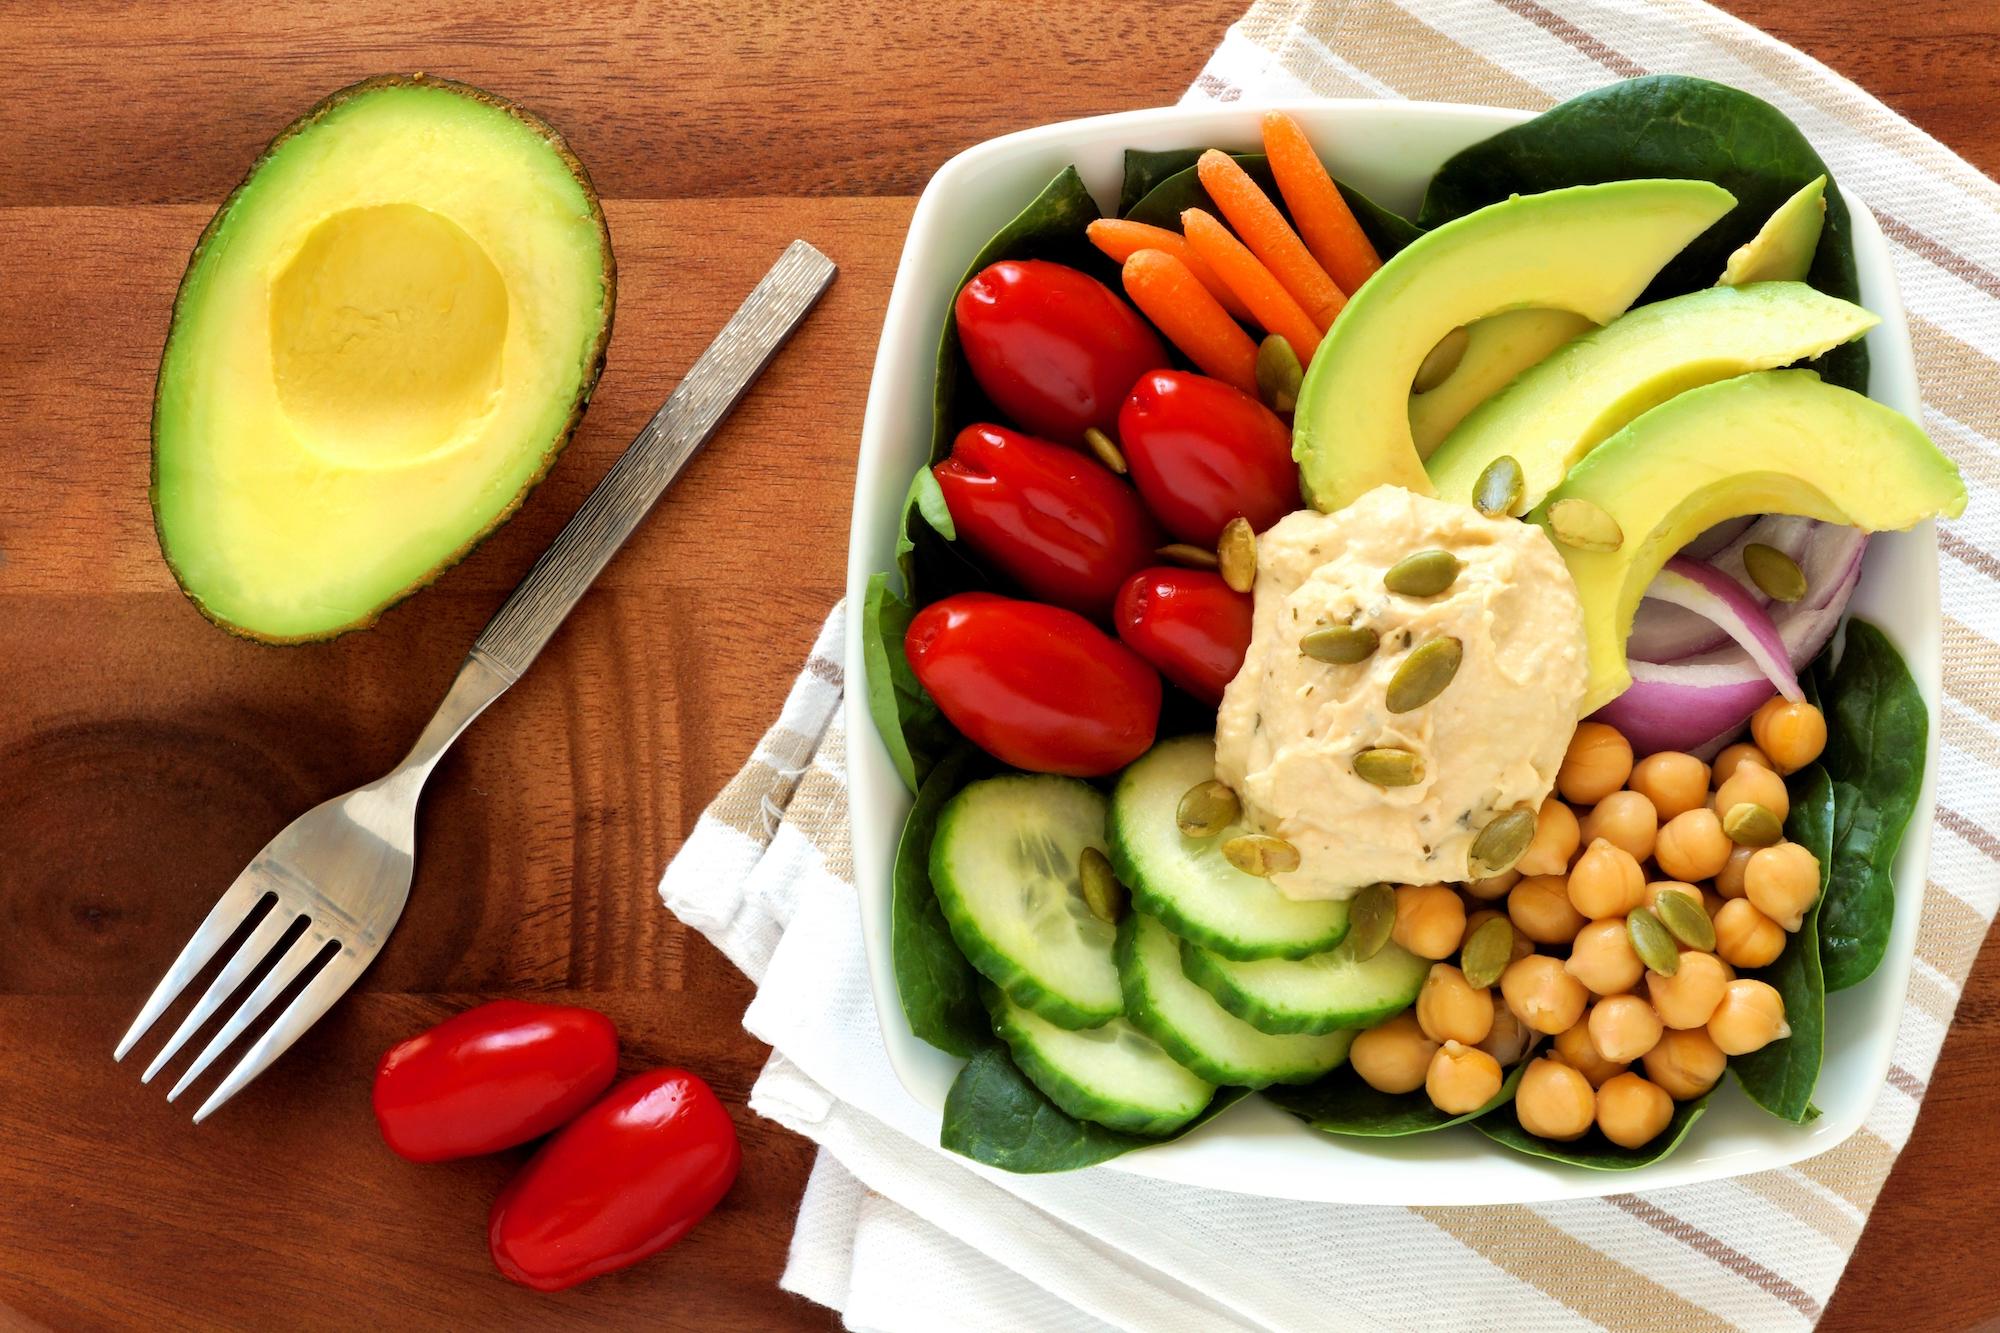 Zdravý Metabolic balance oběd - avokádo, ummus a čerstvé zelenina